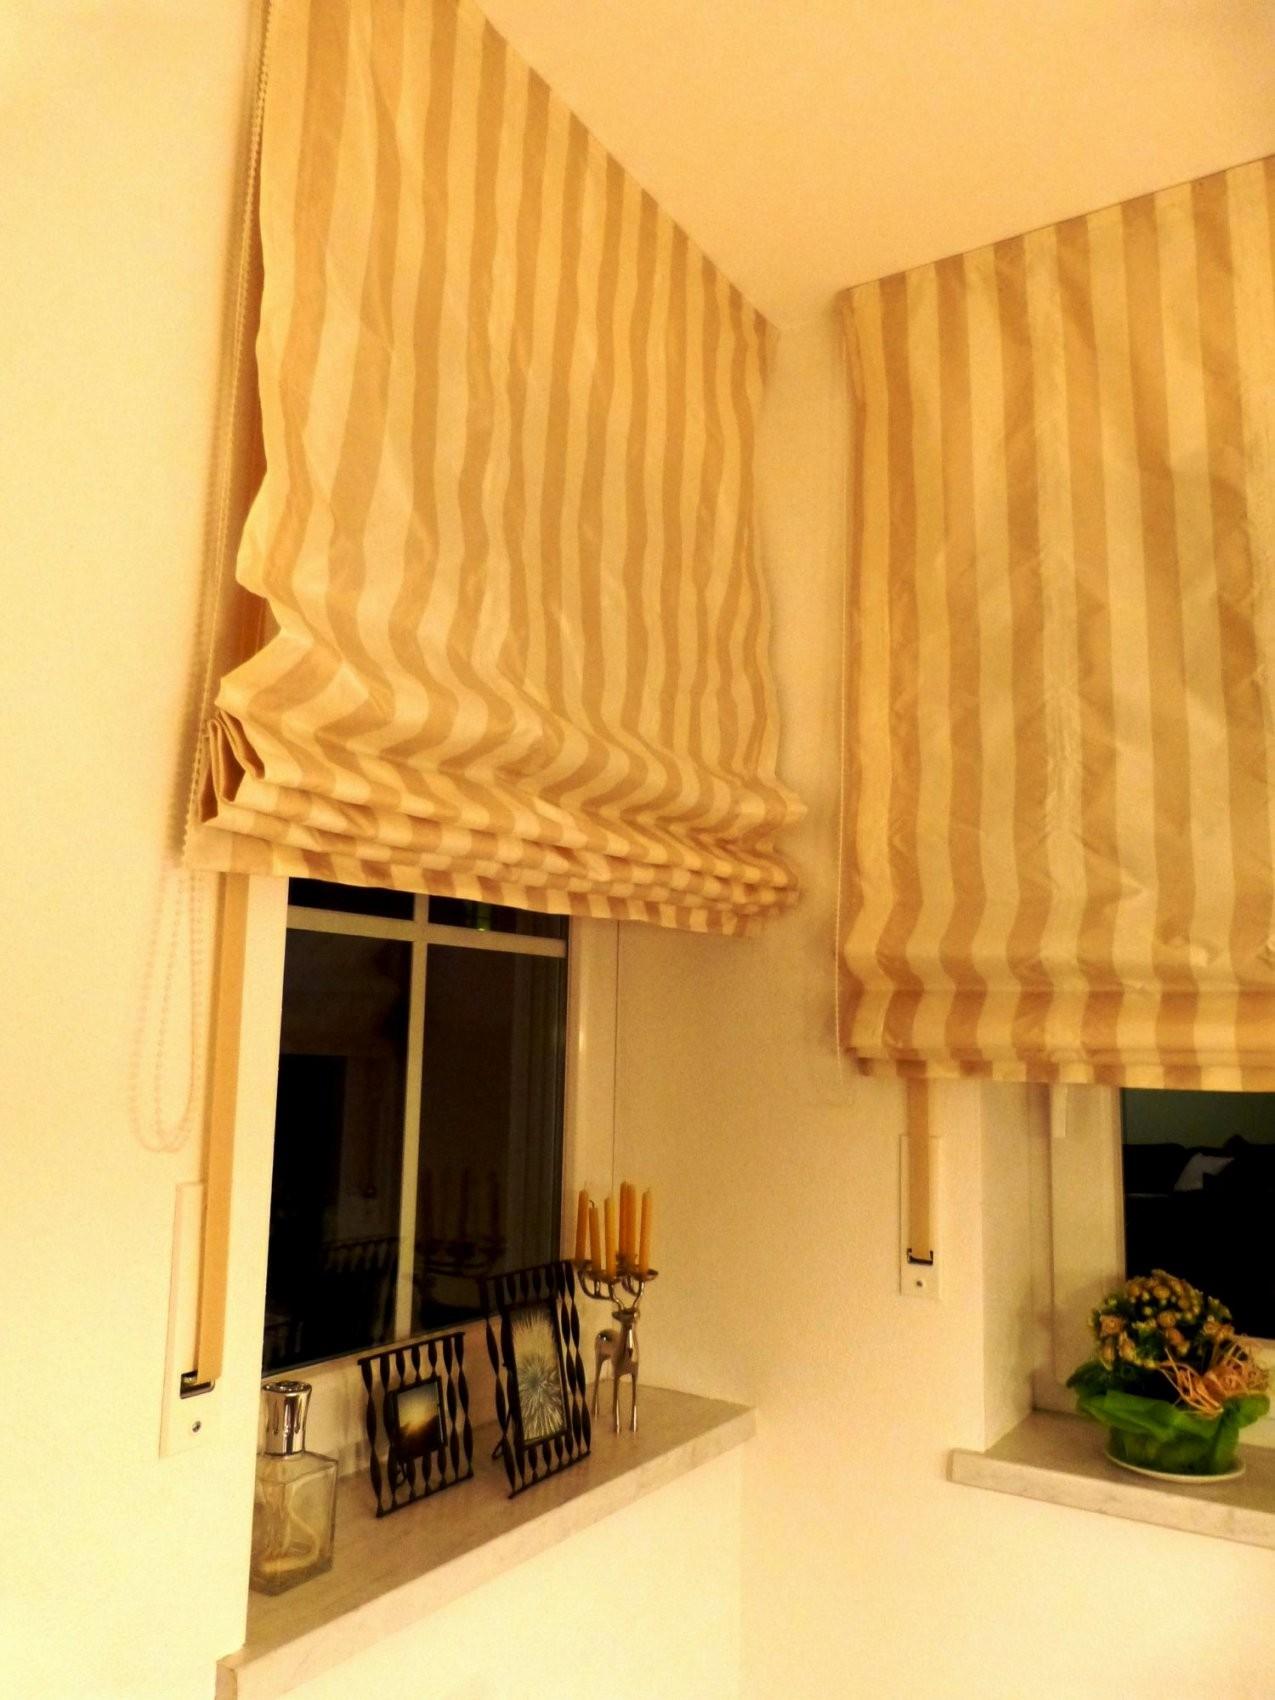 Groß Fenster Rollos Aus Stoff Innen Fur Rollo 63222 Haus Planen von Fenster Rollos Aus Stoff Photo